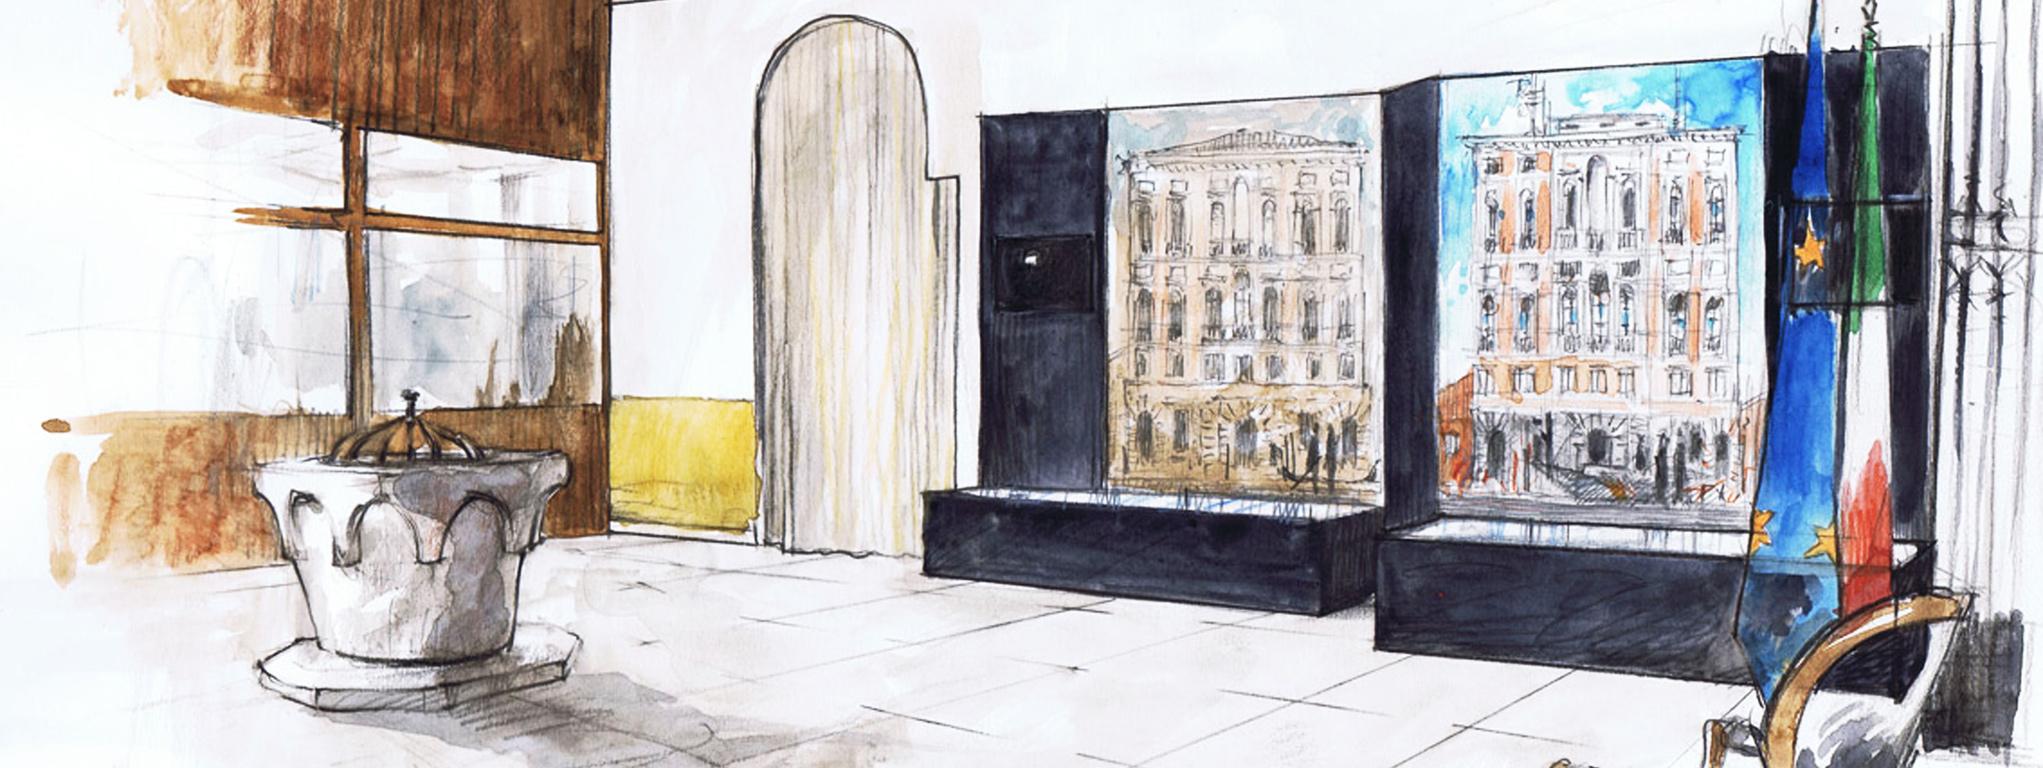 Allestimenti, tostapaner studio a Palazzo Ducale,Venezia